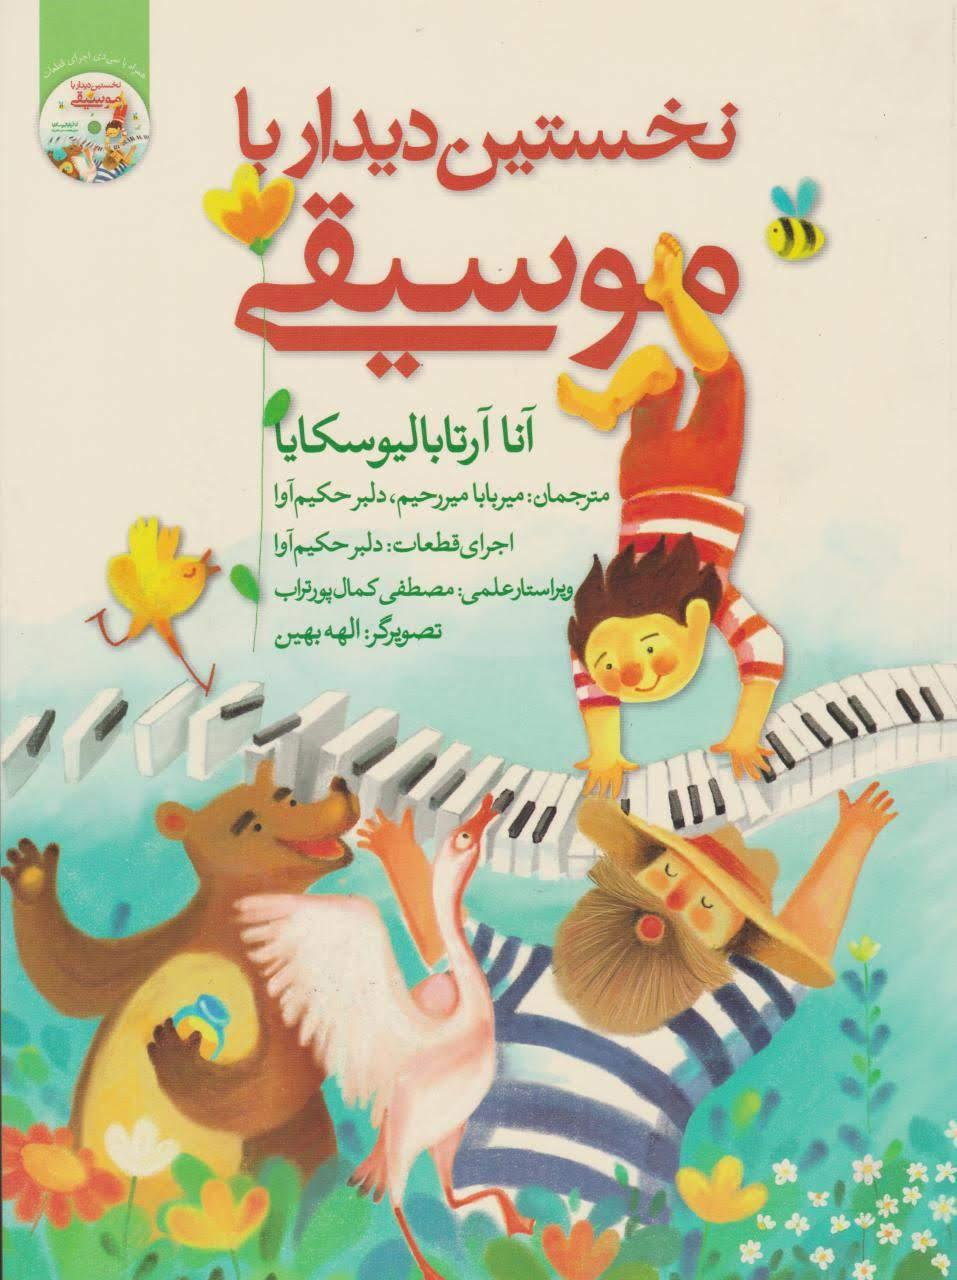 کتاب نخستین دیدار با موسیقی آنا آرتابالیوسکایا انتشارات گیسا